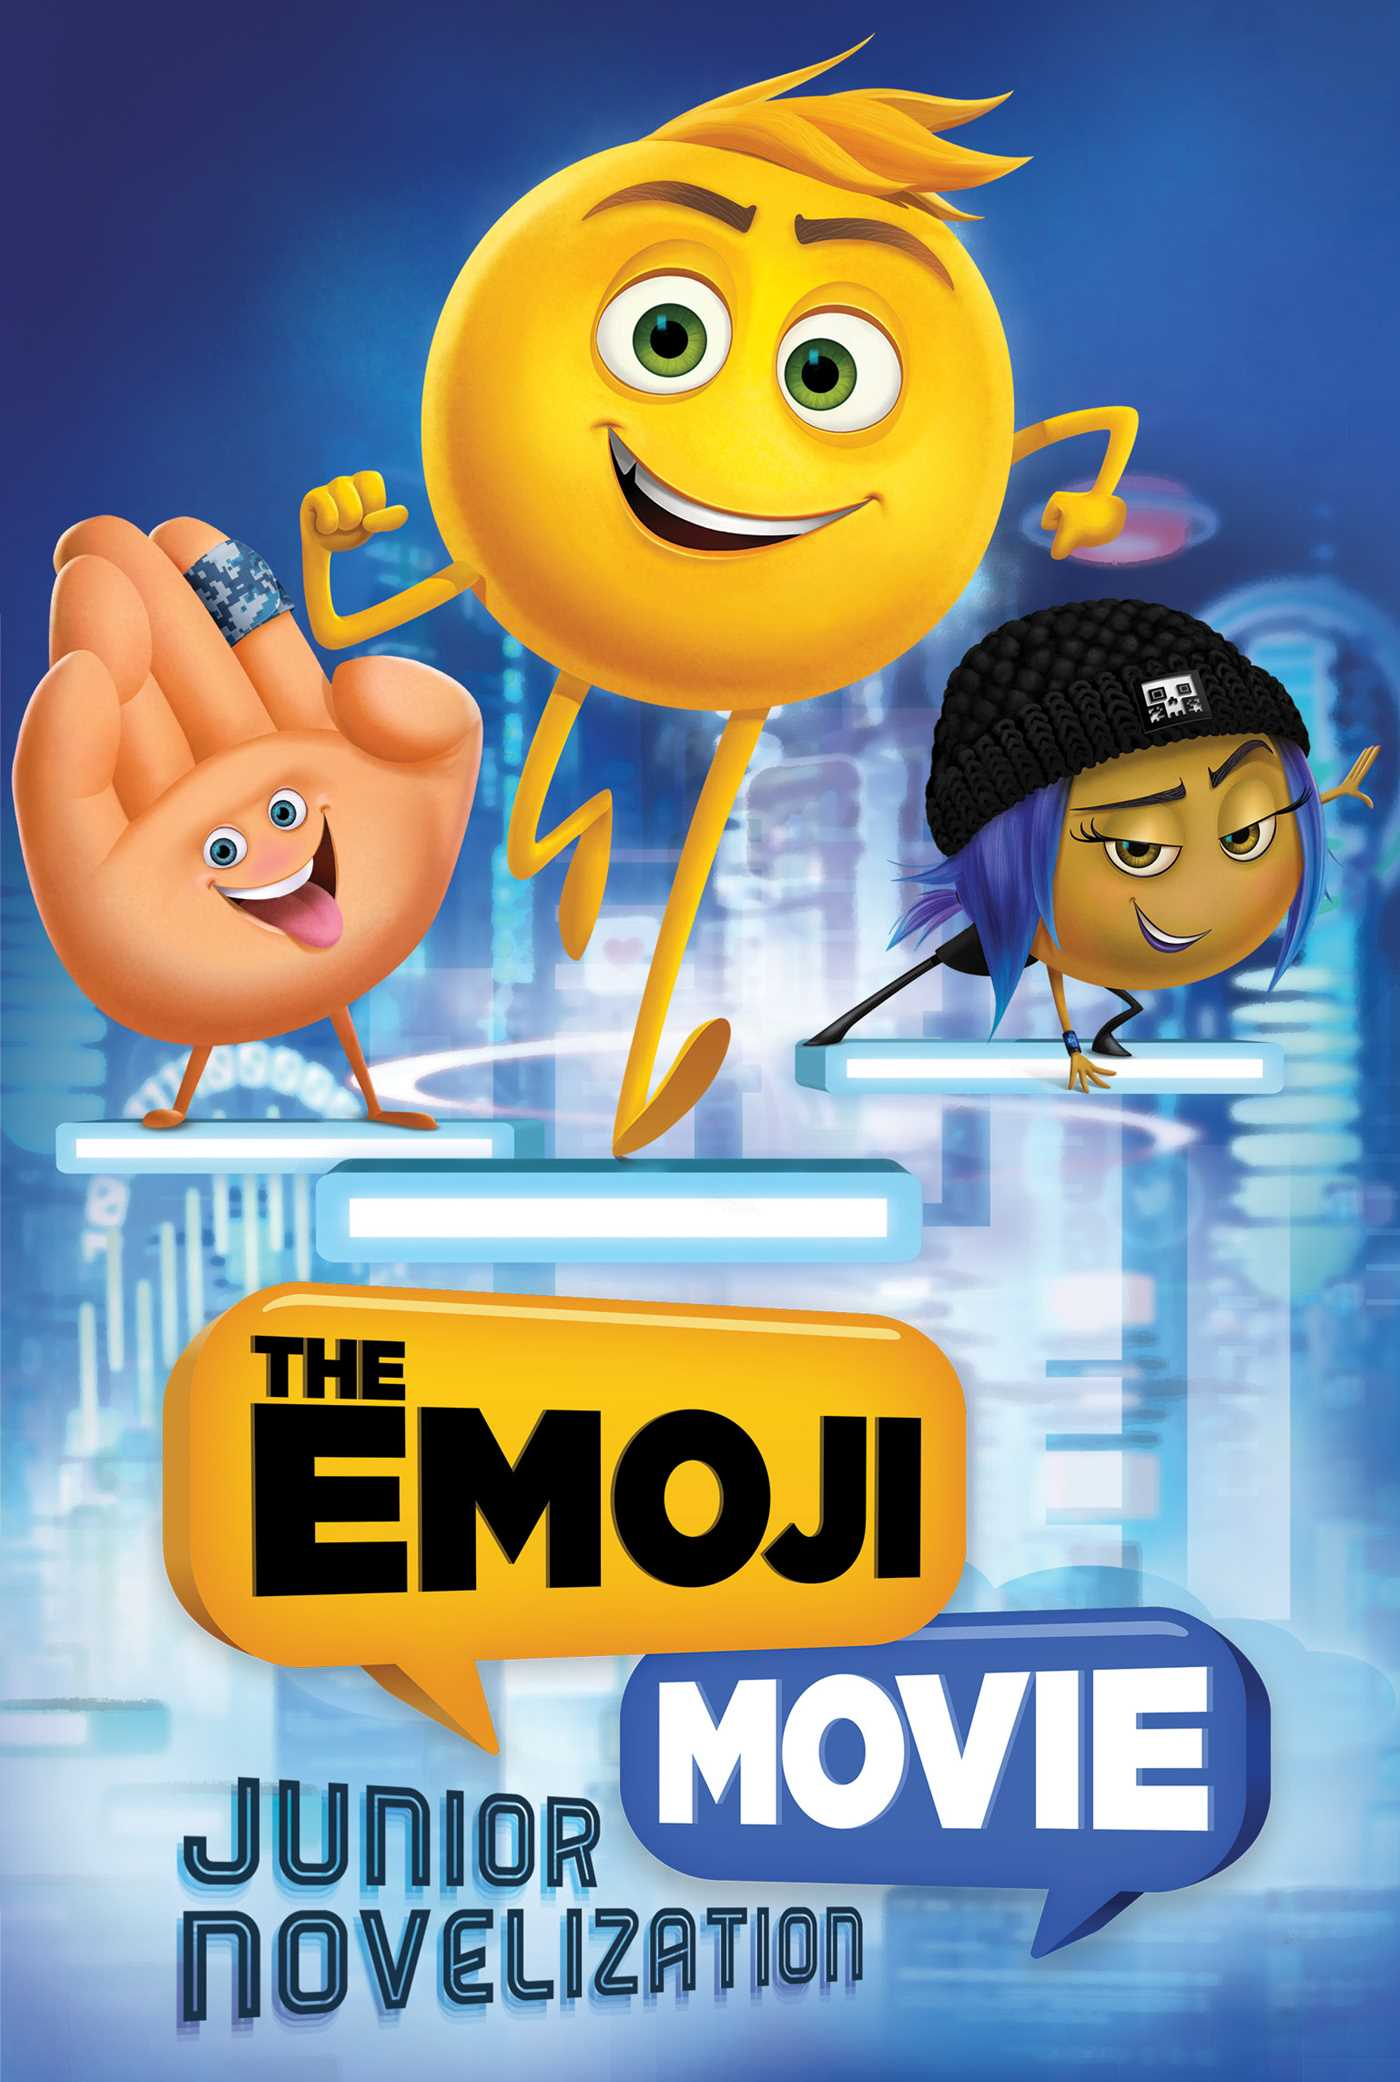 The emoji movie junior novelization 9781534400054 hr